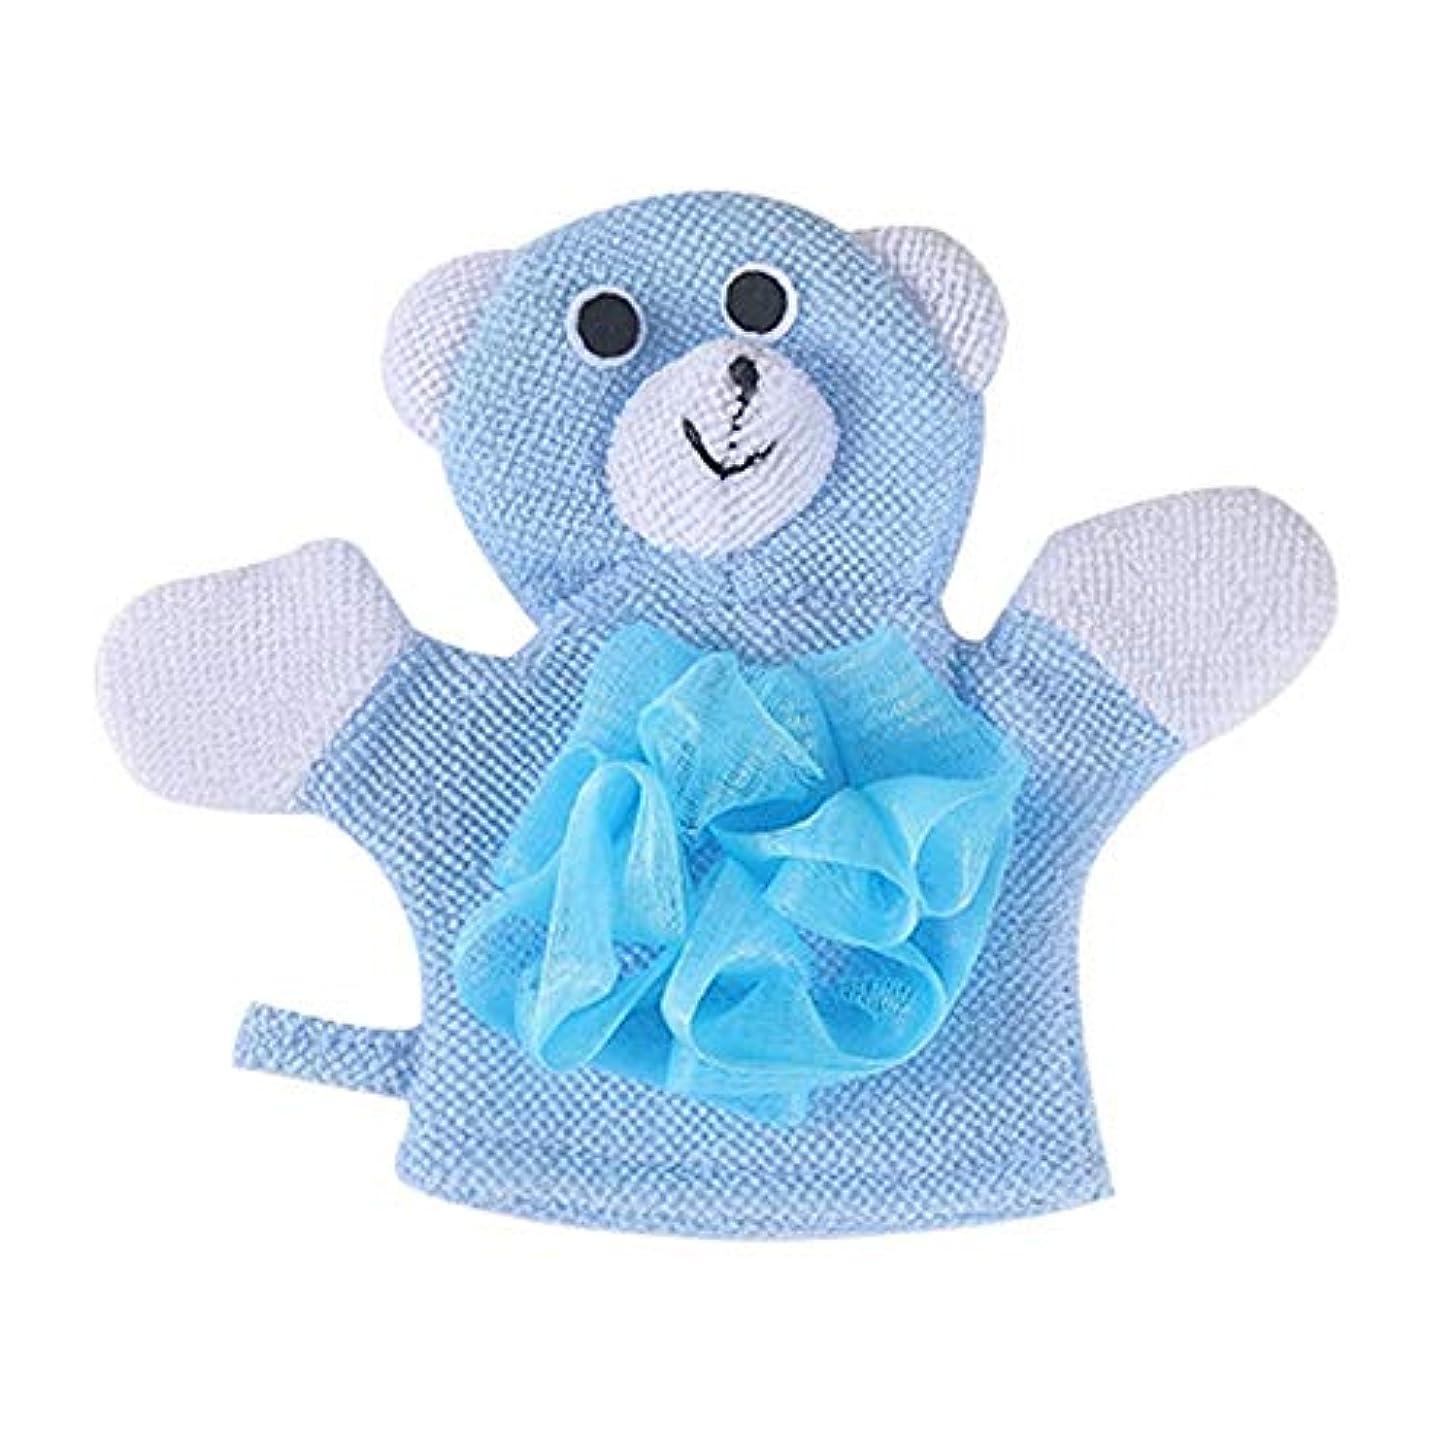 労苦安西優れたBTXXYJP お風呂用手袋 あかすり シャワー手袋 ボディブラシ やわらか バス用品 ボディタオル 角質除去 (Color : Blue)